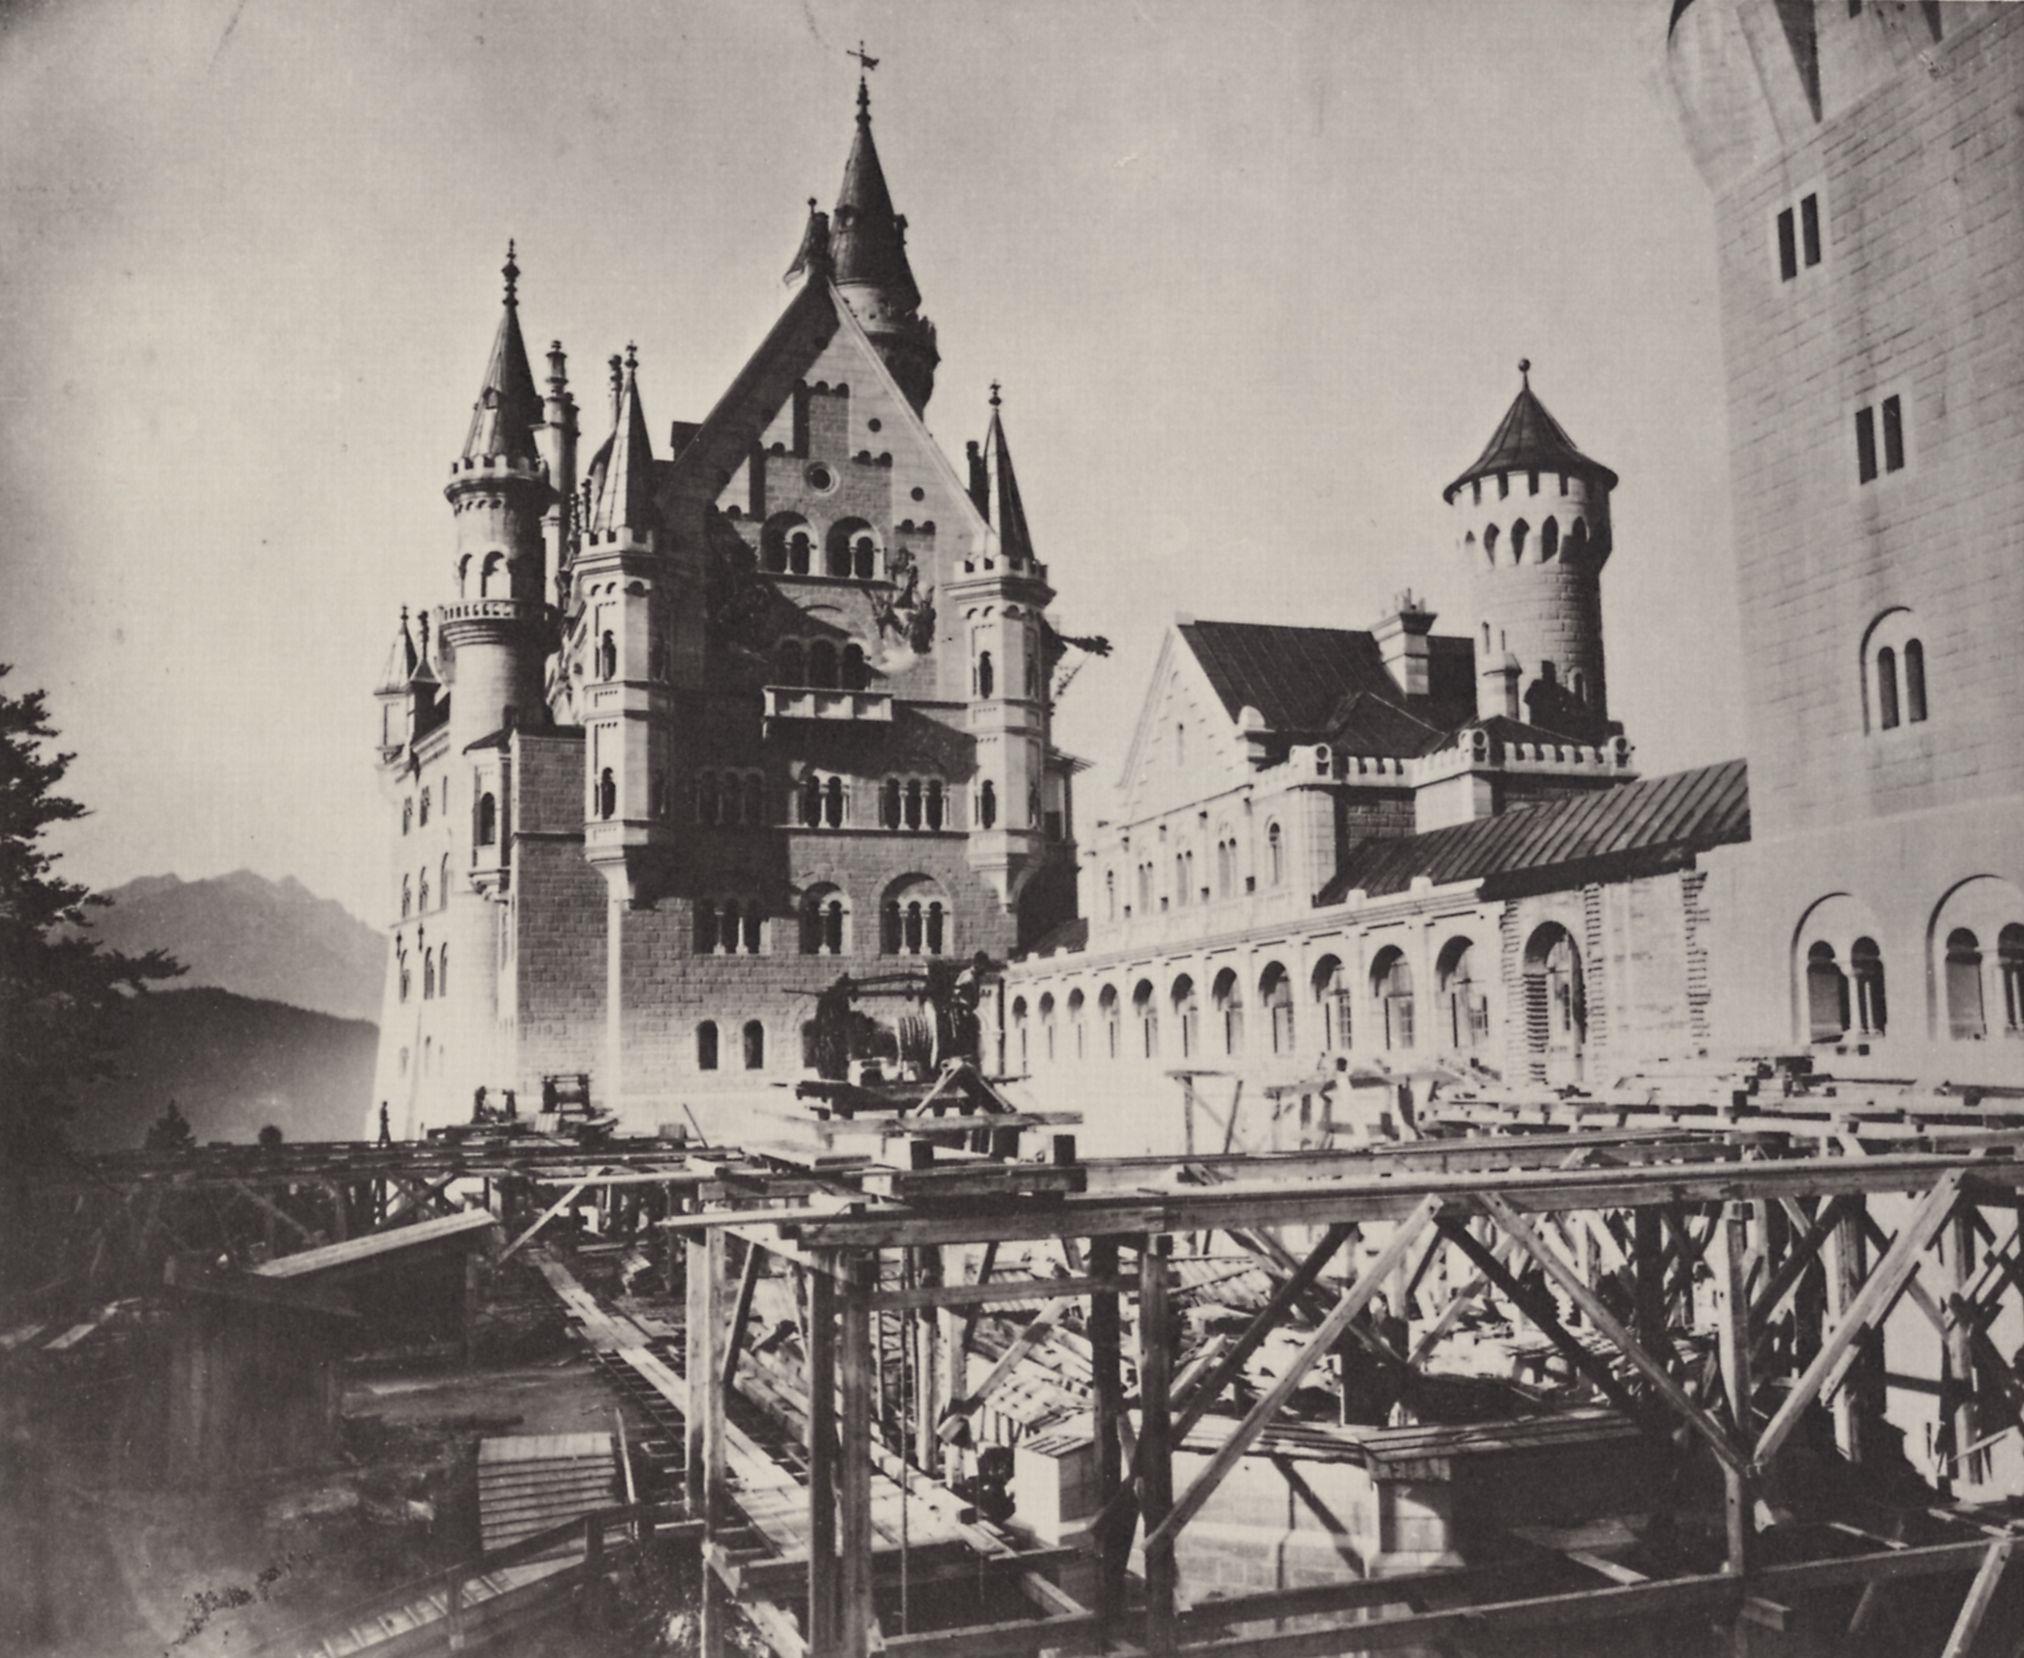 Unvollendete Teile Von Schloss Neuschwanstein Konig Ludwig Ii Schloss Neuschwanstein